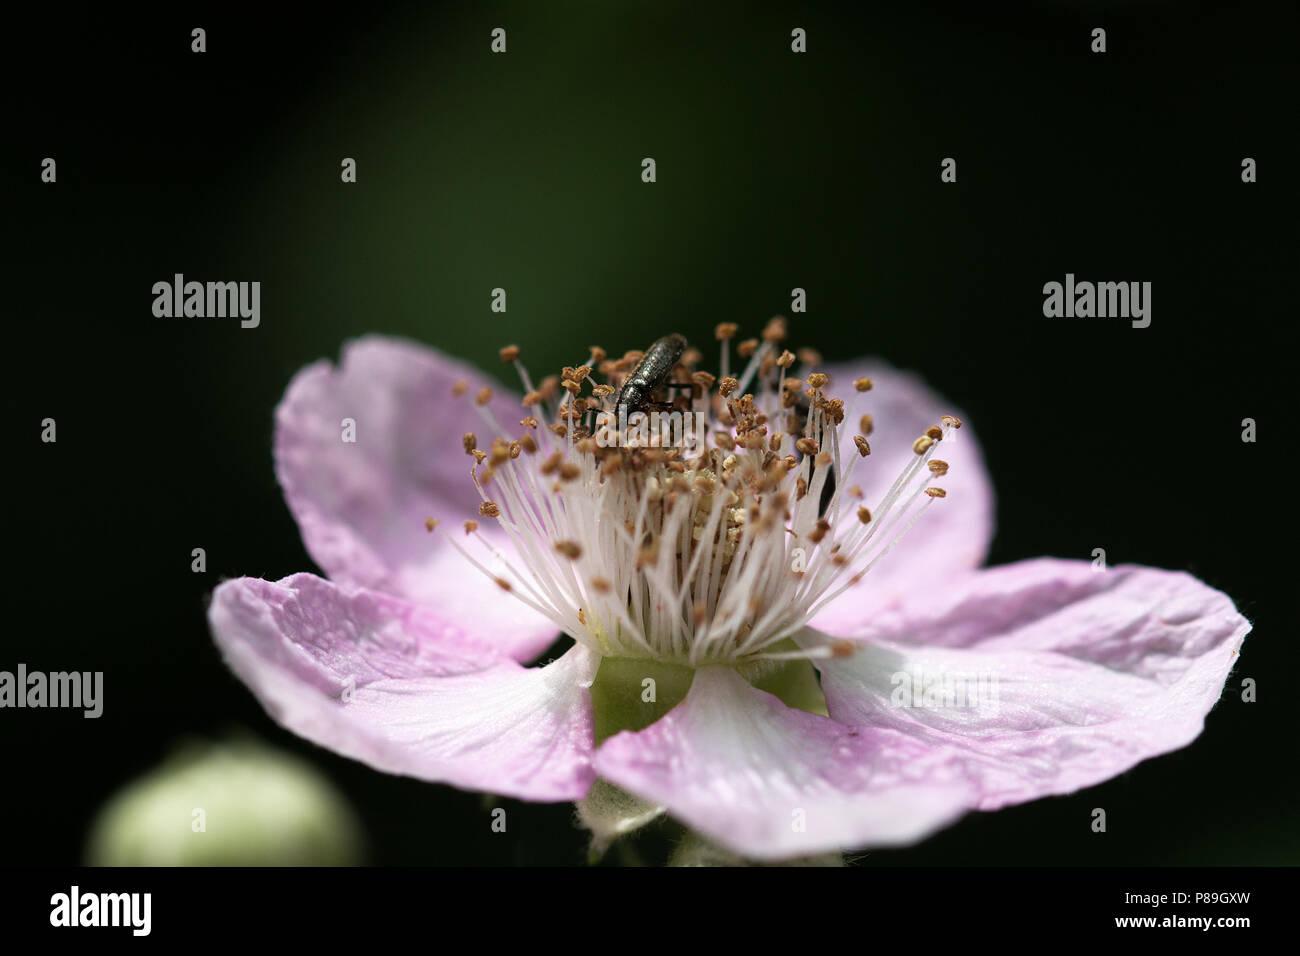 Kleiner Käfer auf einer Himbeerblüte,Makro - Stock Image